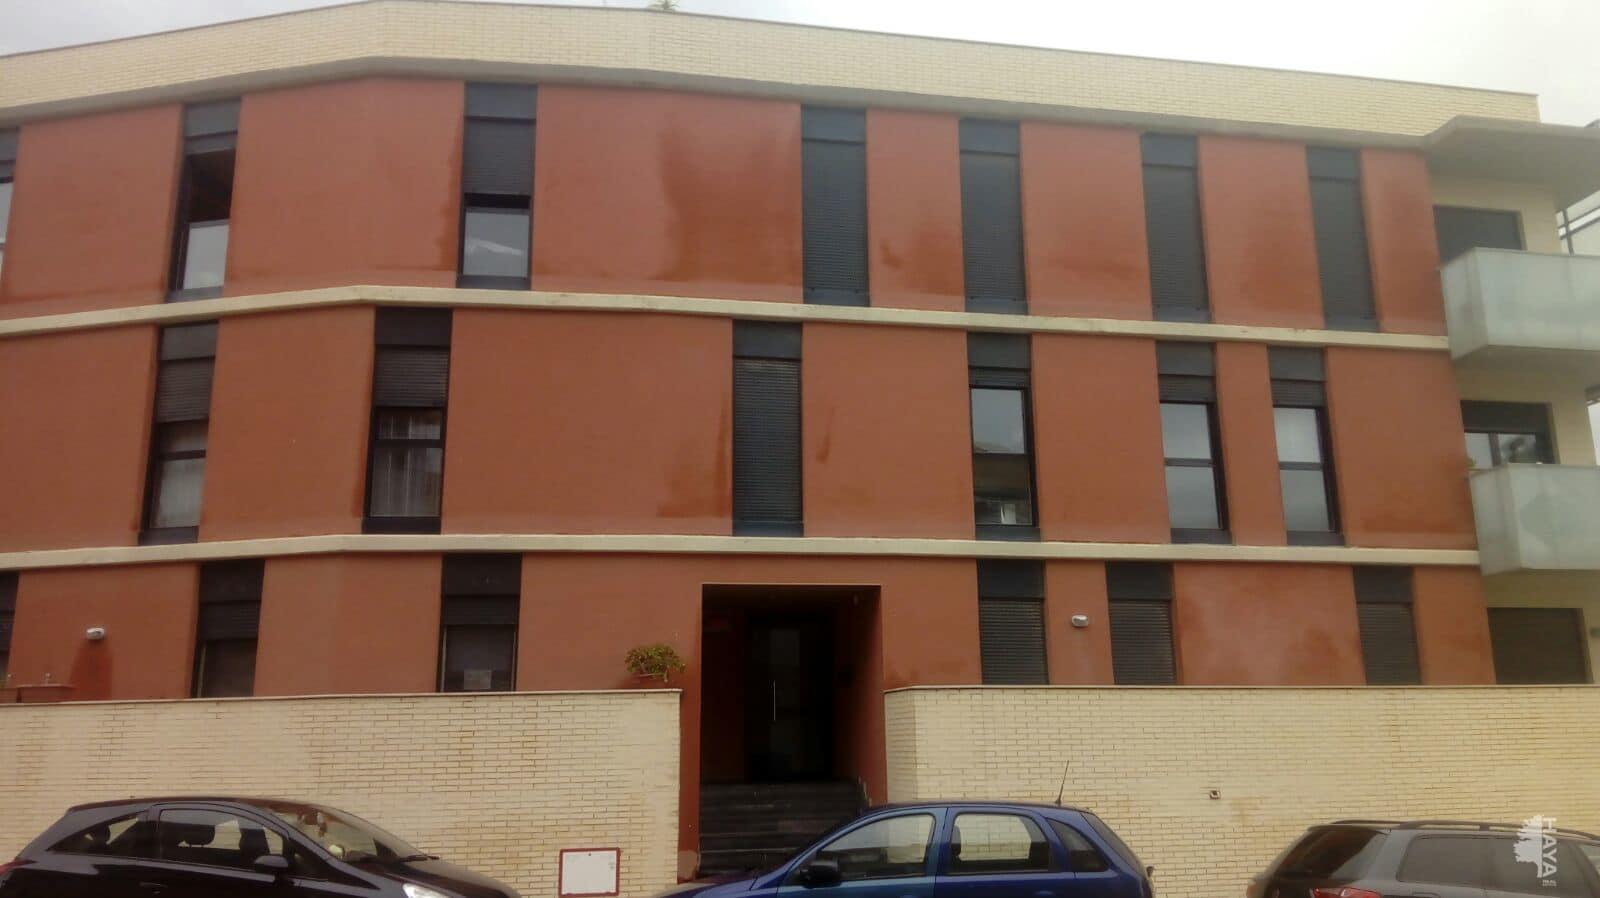 Piso en venta en Cadrete, Zaragoza, Calle El Trebol, 76.000 €, 2 habitaciones, 1 baño, 68 m2